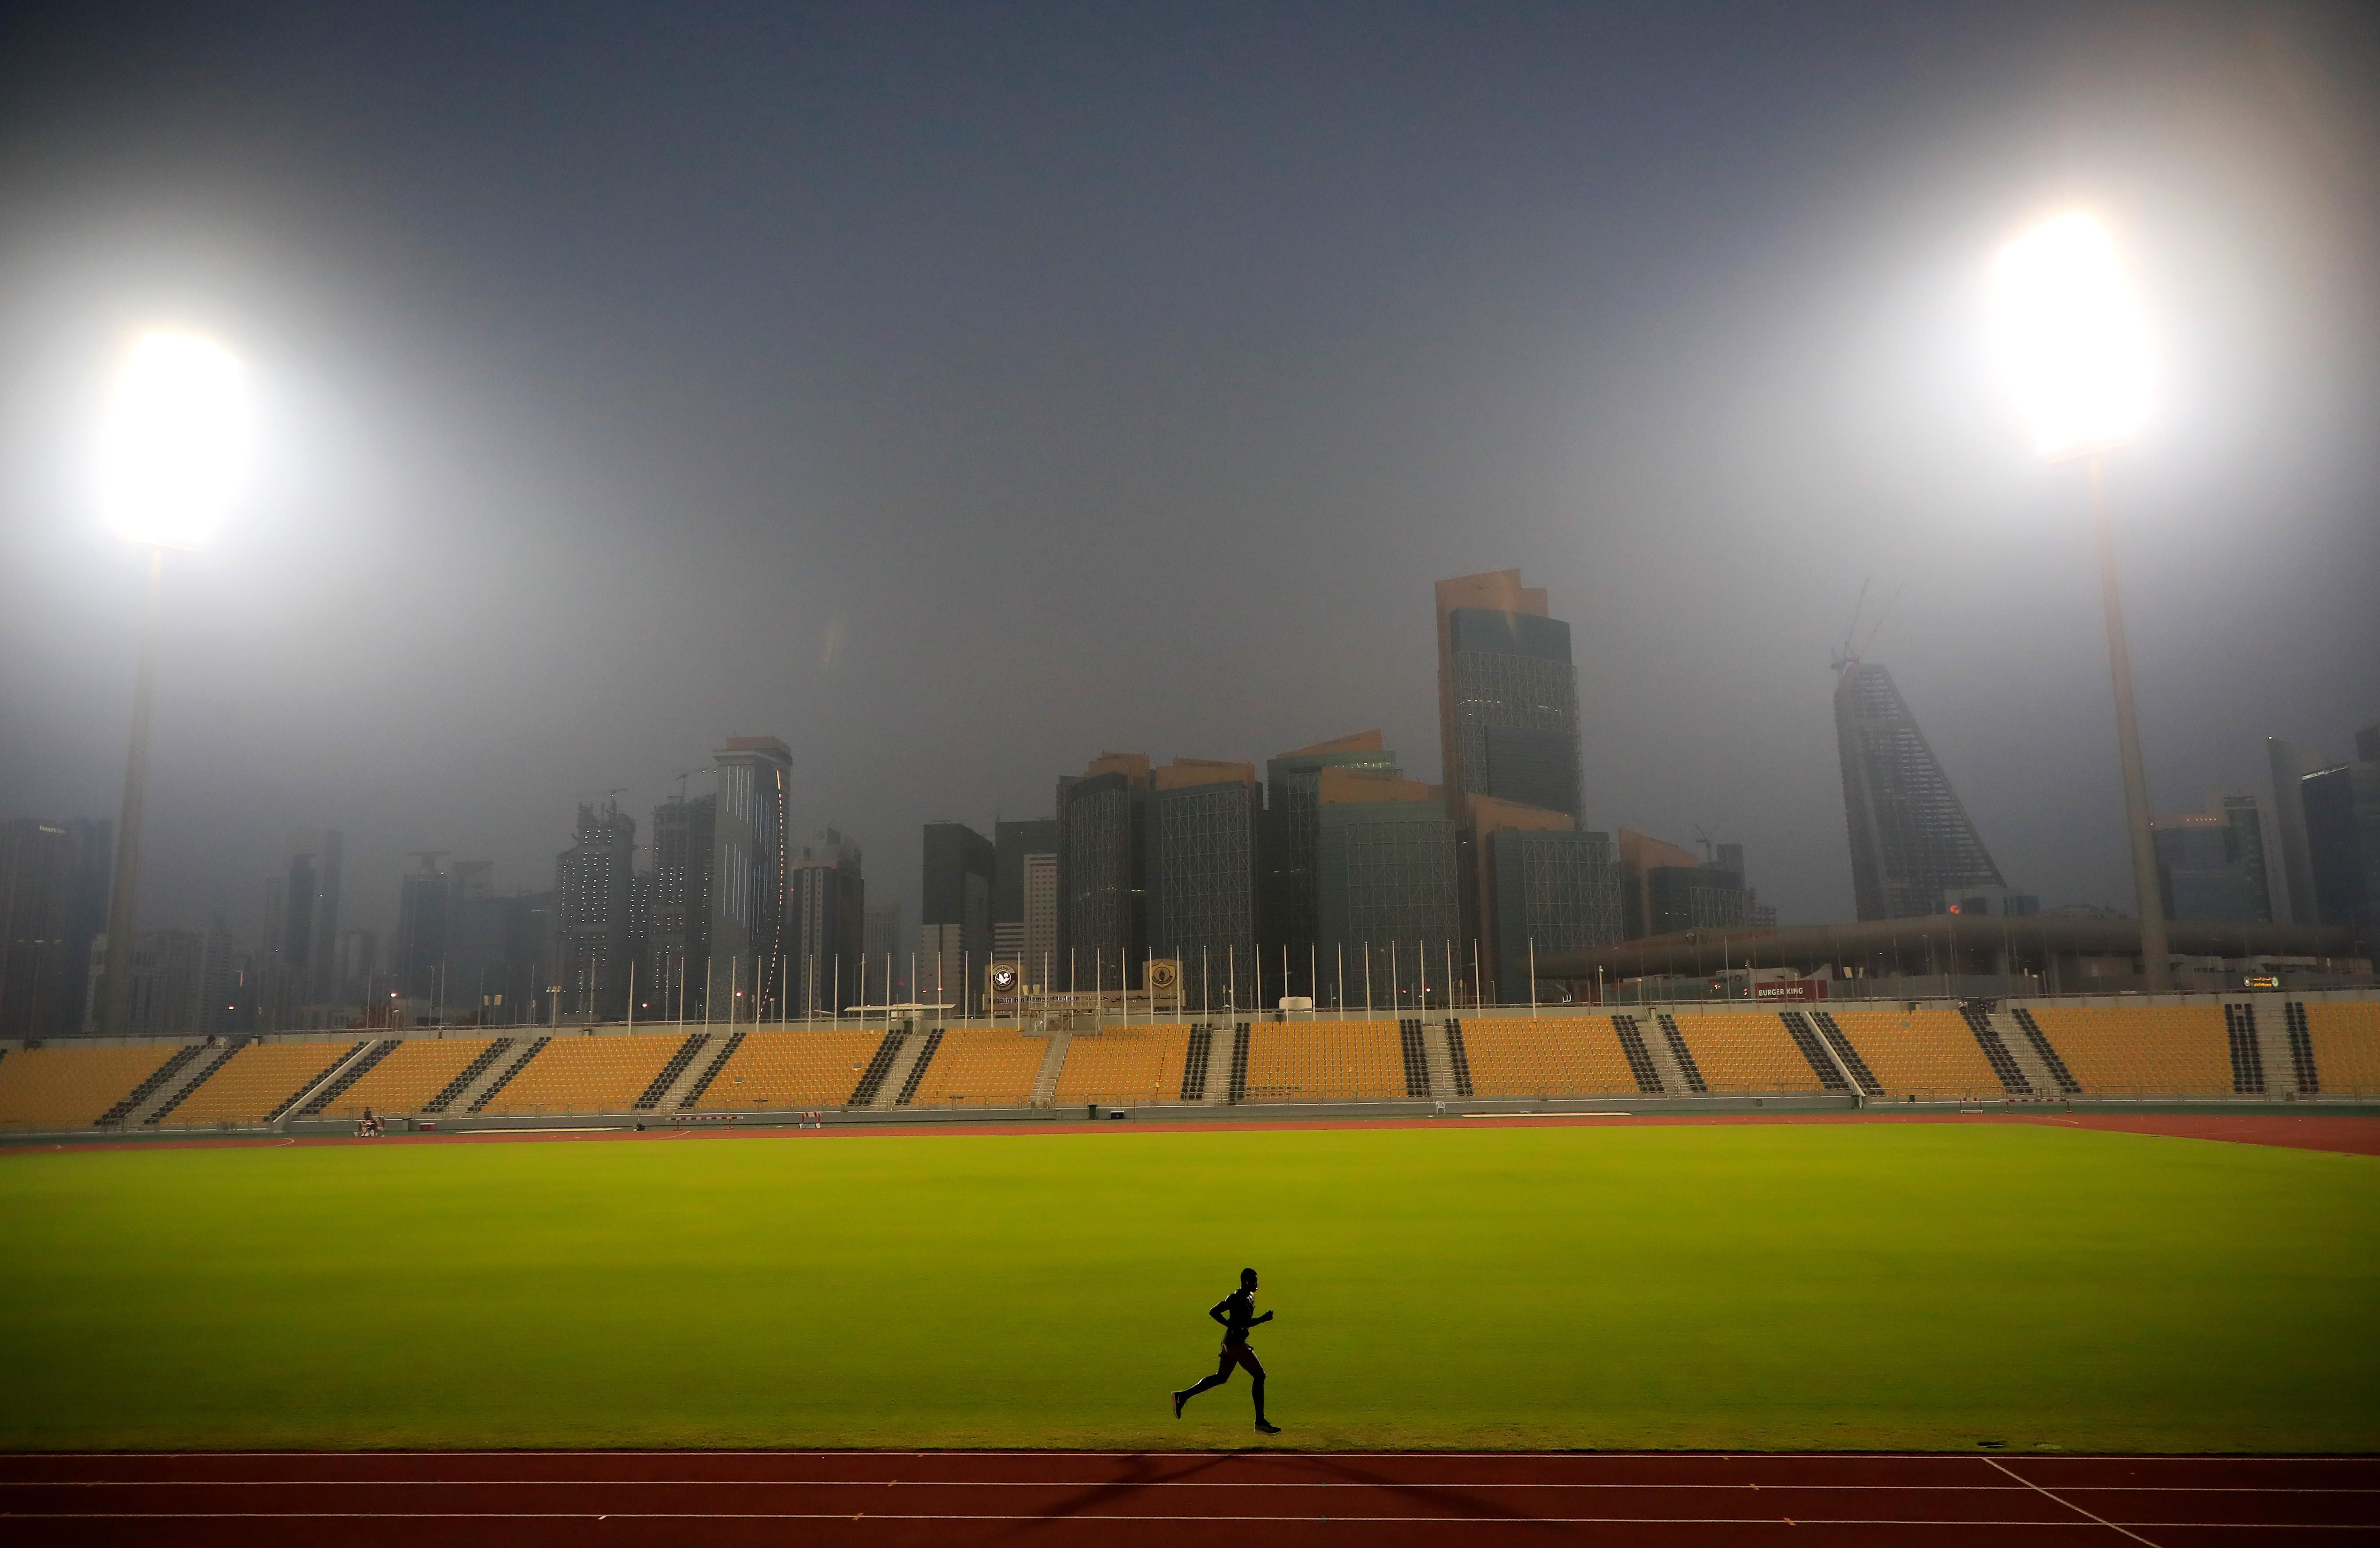 Qatari 400m runner Abdalelah Haroun on the training track in Doha (Getty Images)